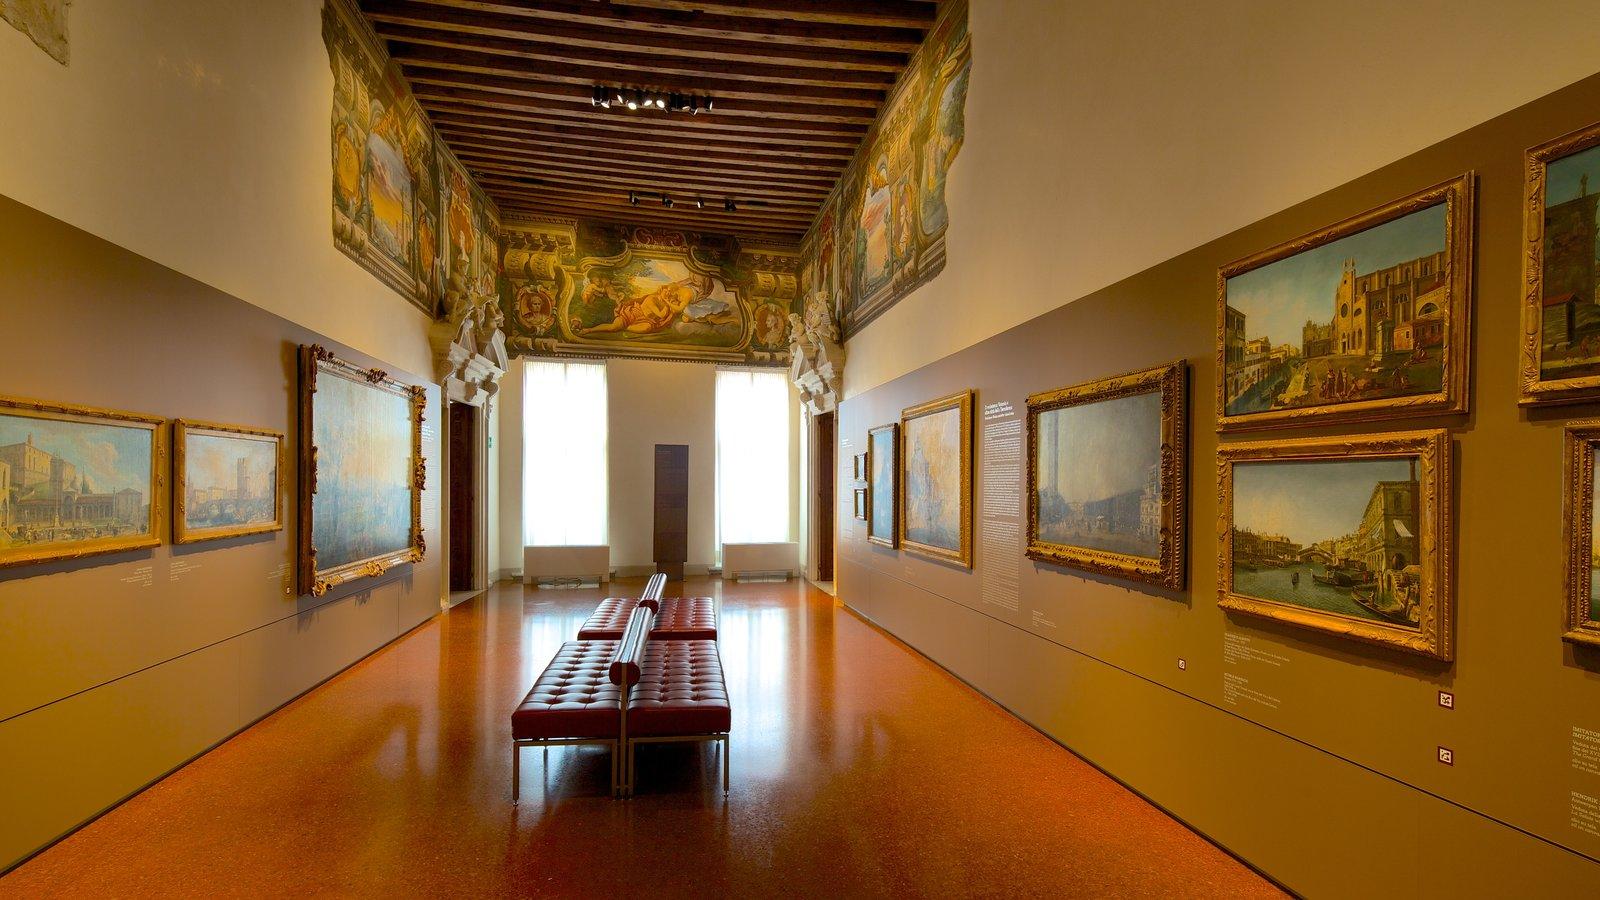 Gallerie di Palazzo Leoni Montanari showing interior views and art